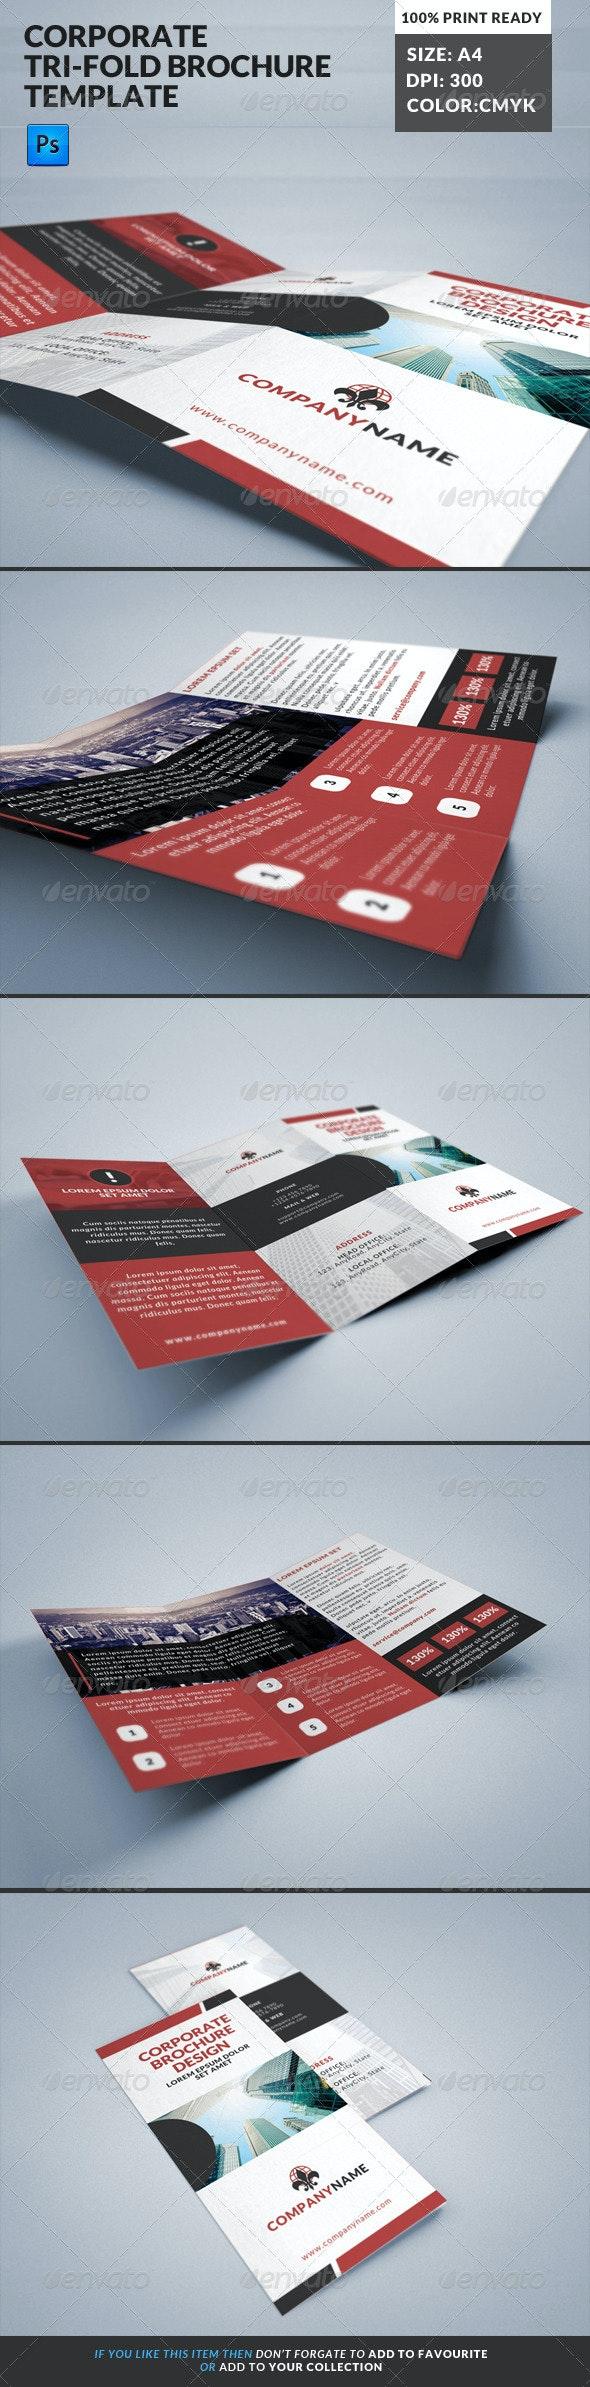 Corporate Tri-Fold Brochures Template 14 - Corporate Brochures